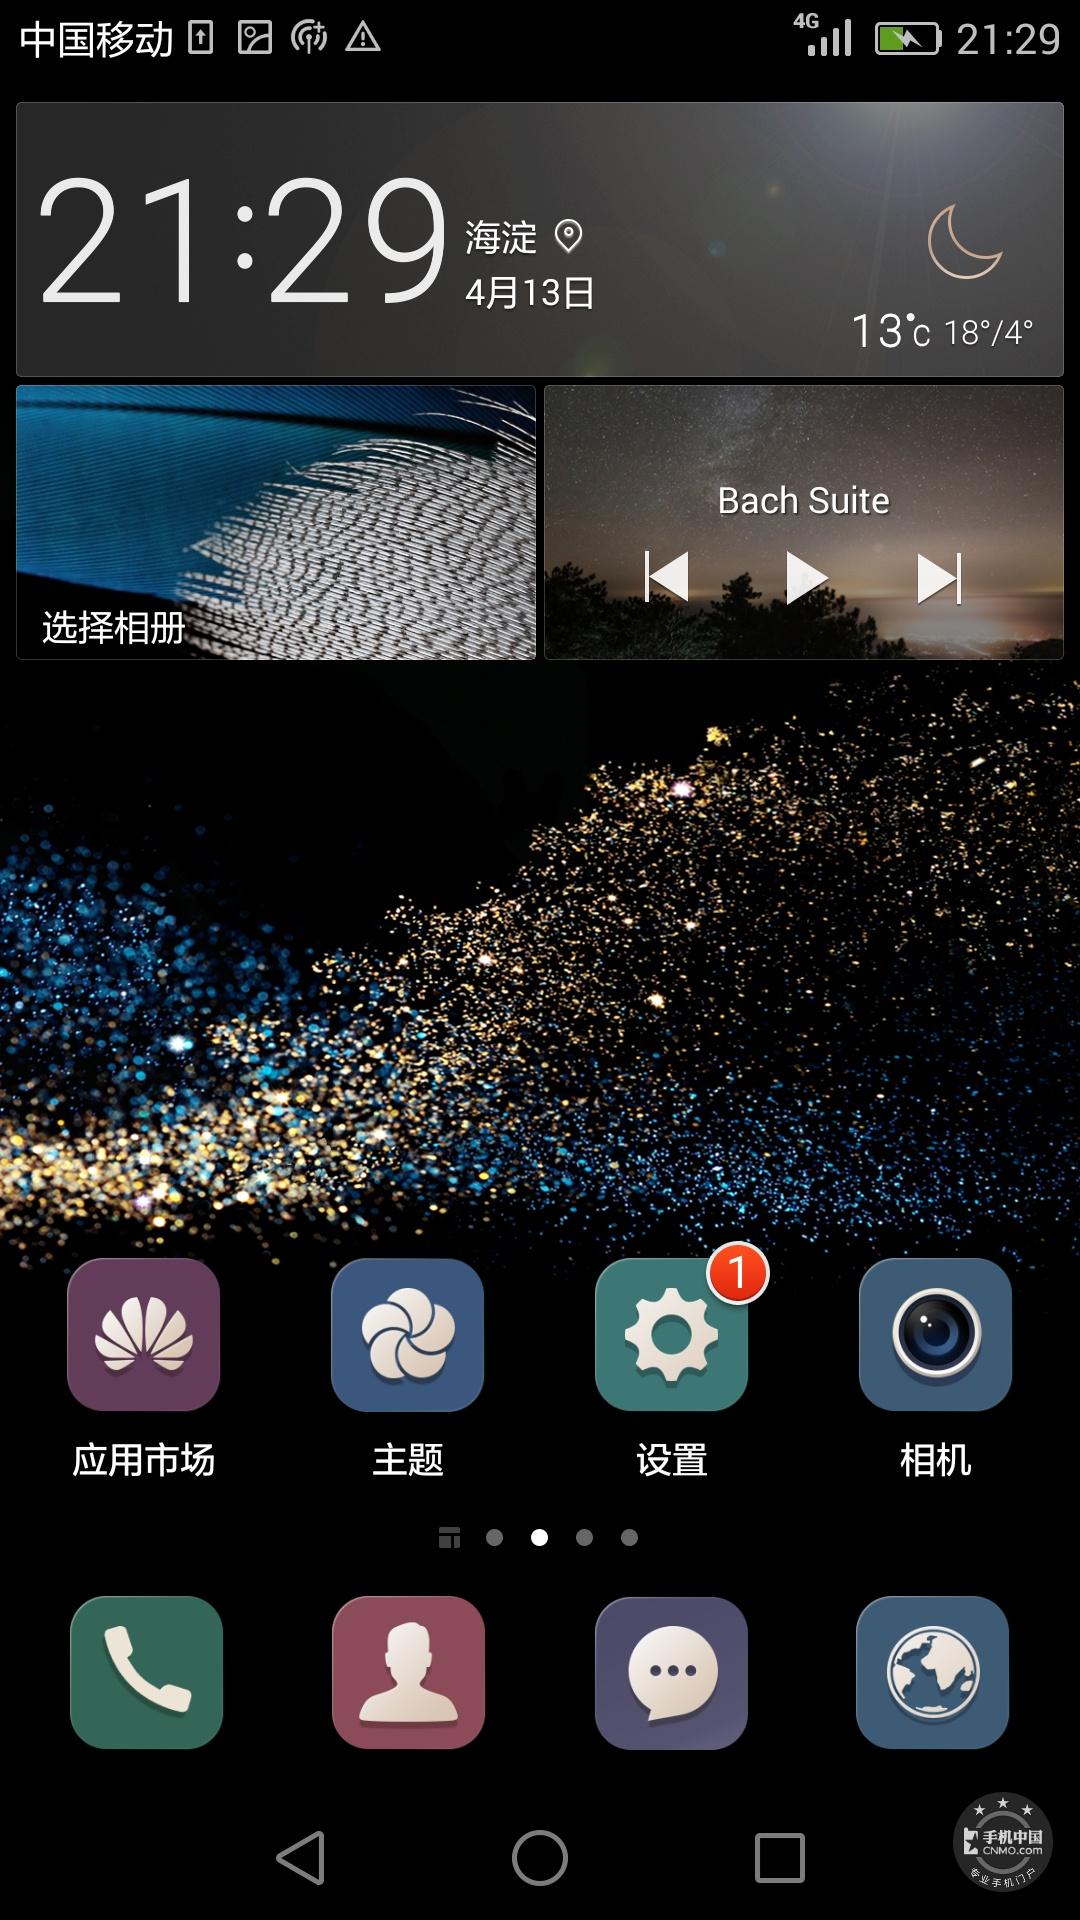 华为P8(双4G标准版)手机功能界面第1张